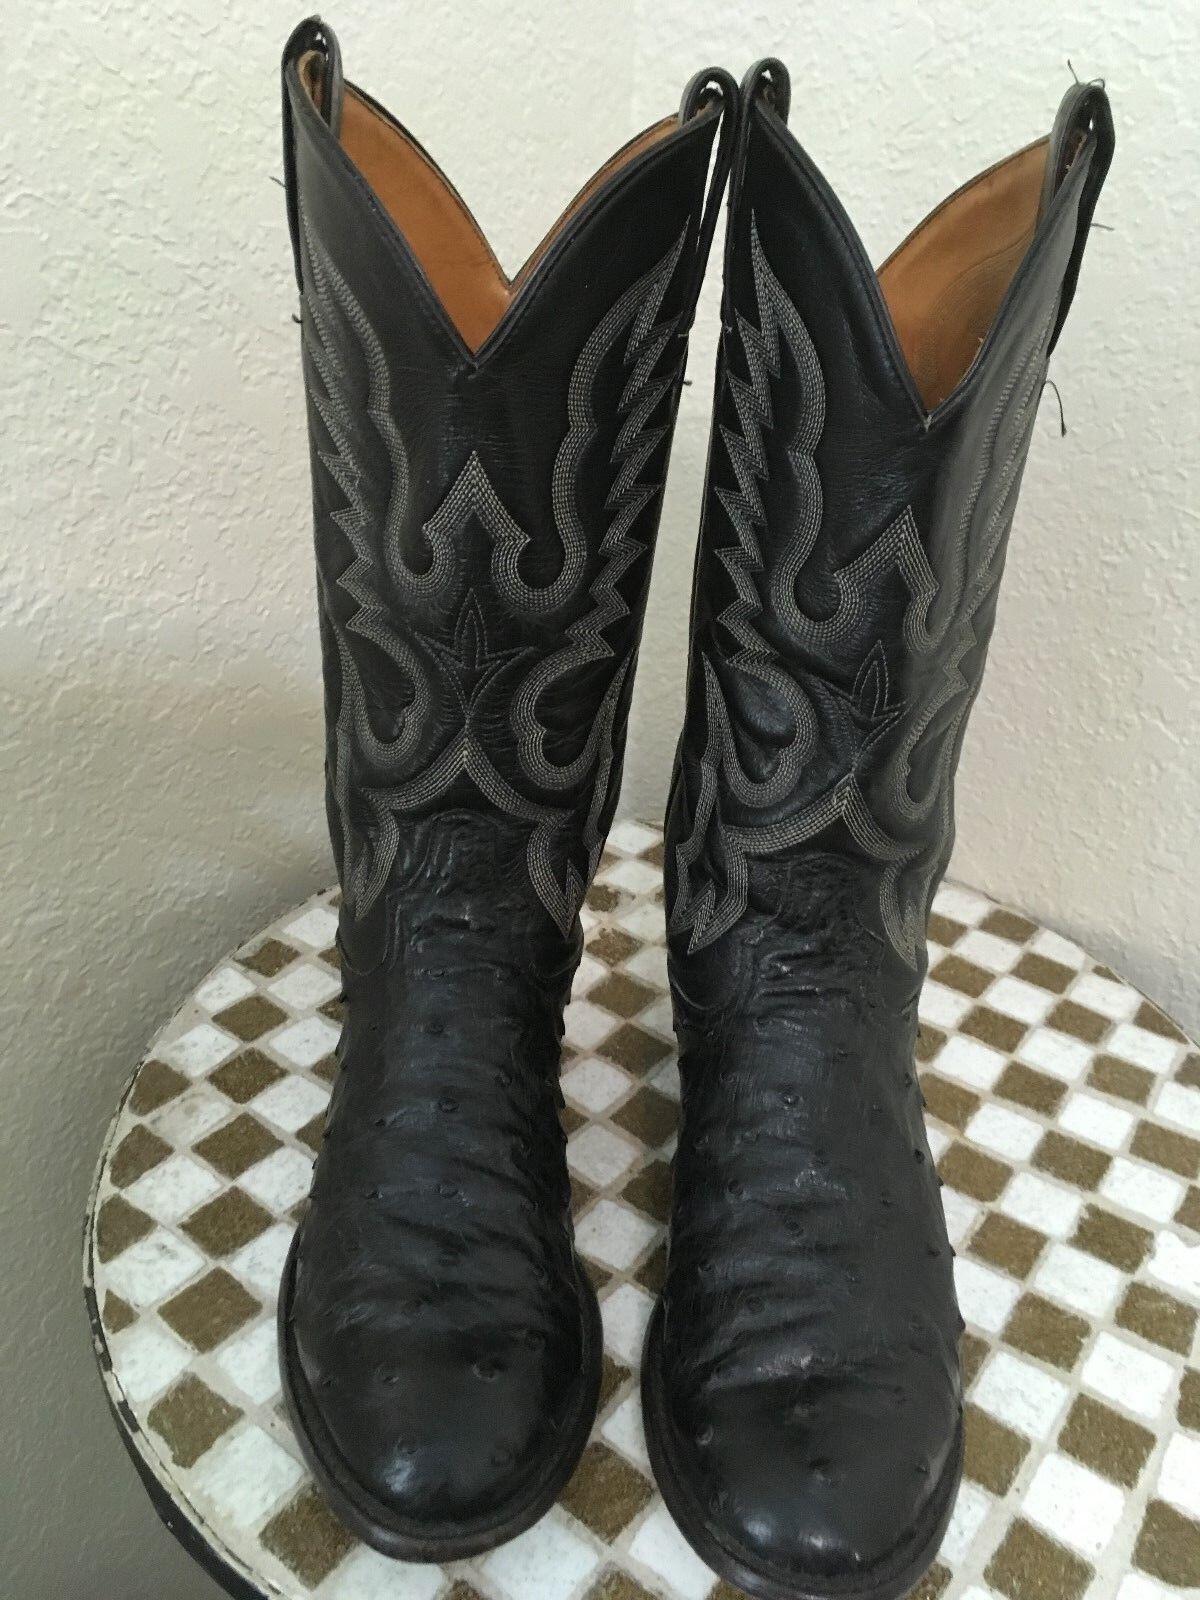 TONY LAMA 8233 Vintage USA Negro Cuero Avestruz Occidental botas De Vaquero 8 M